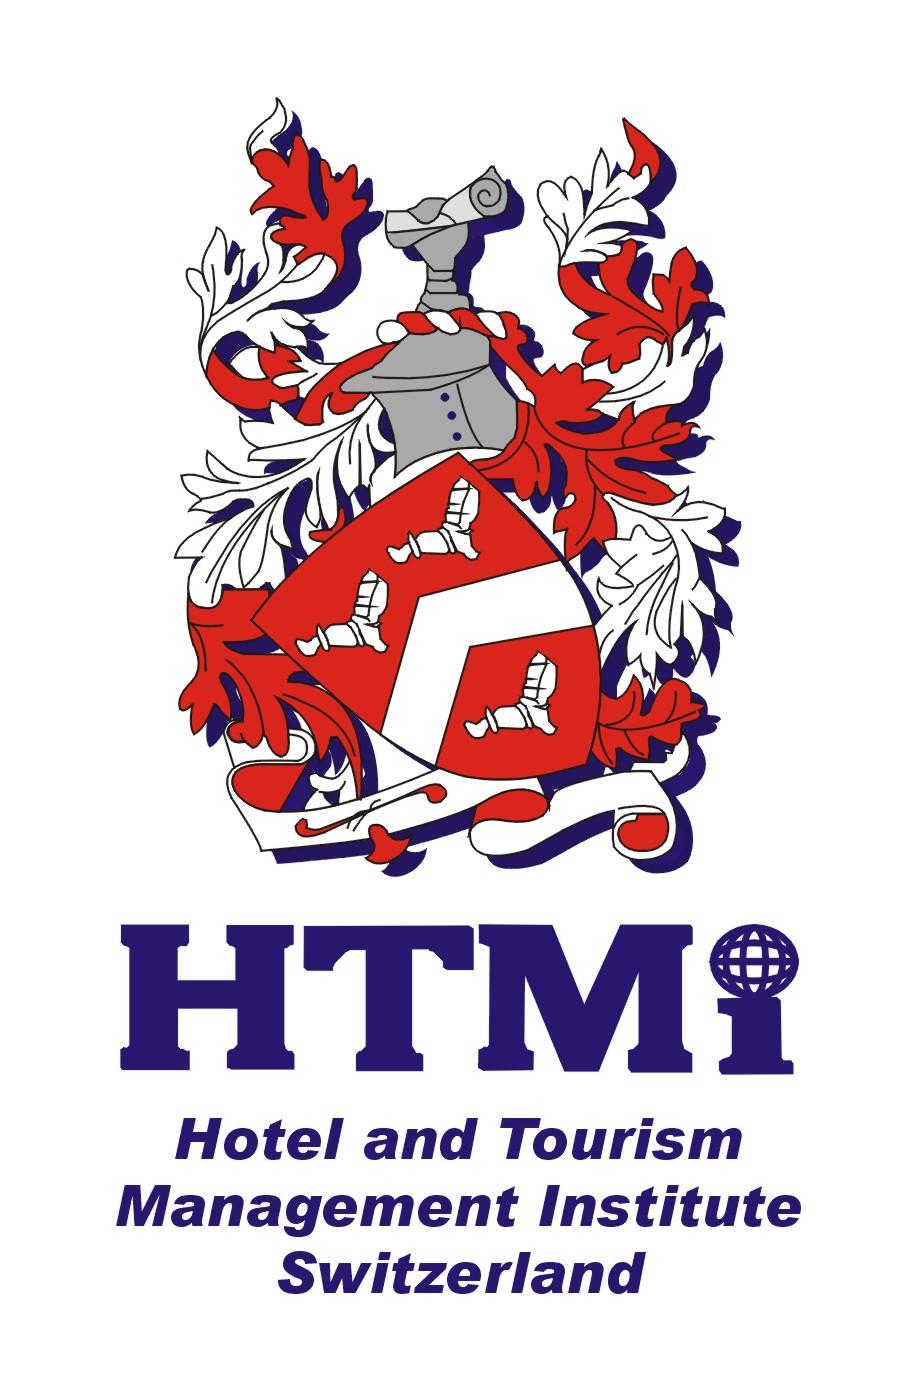 瑞士htmi国际酒店旅游管理学院图片